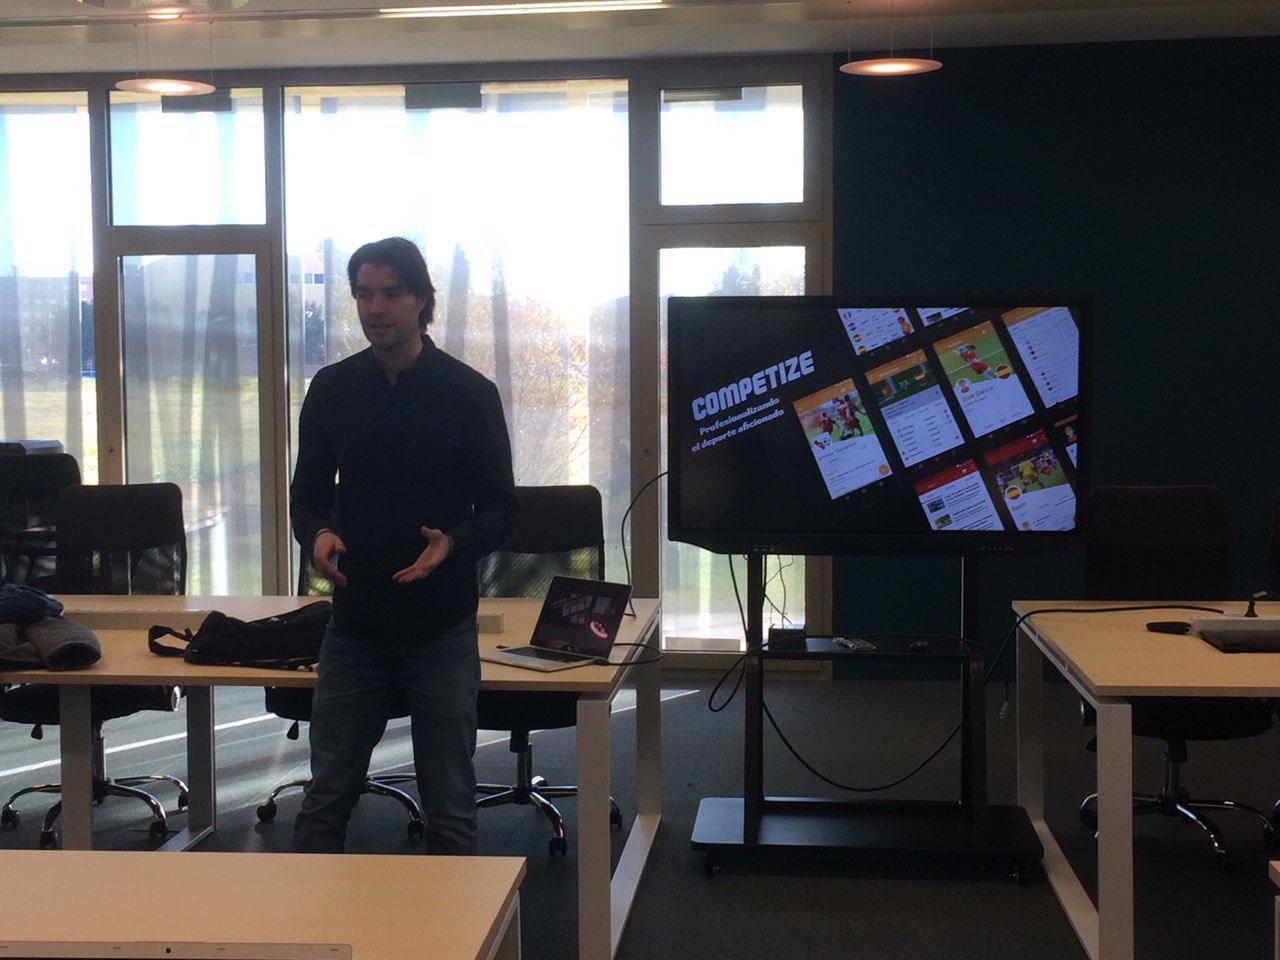 Presentación de Competize en la aceleradora de startups La Atalaya